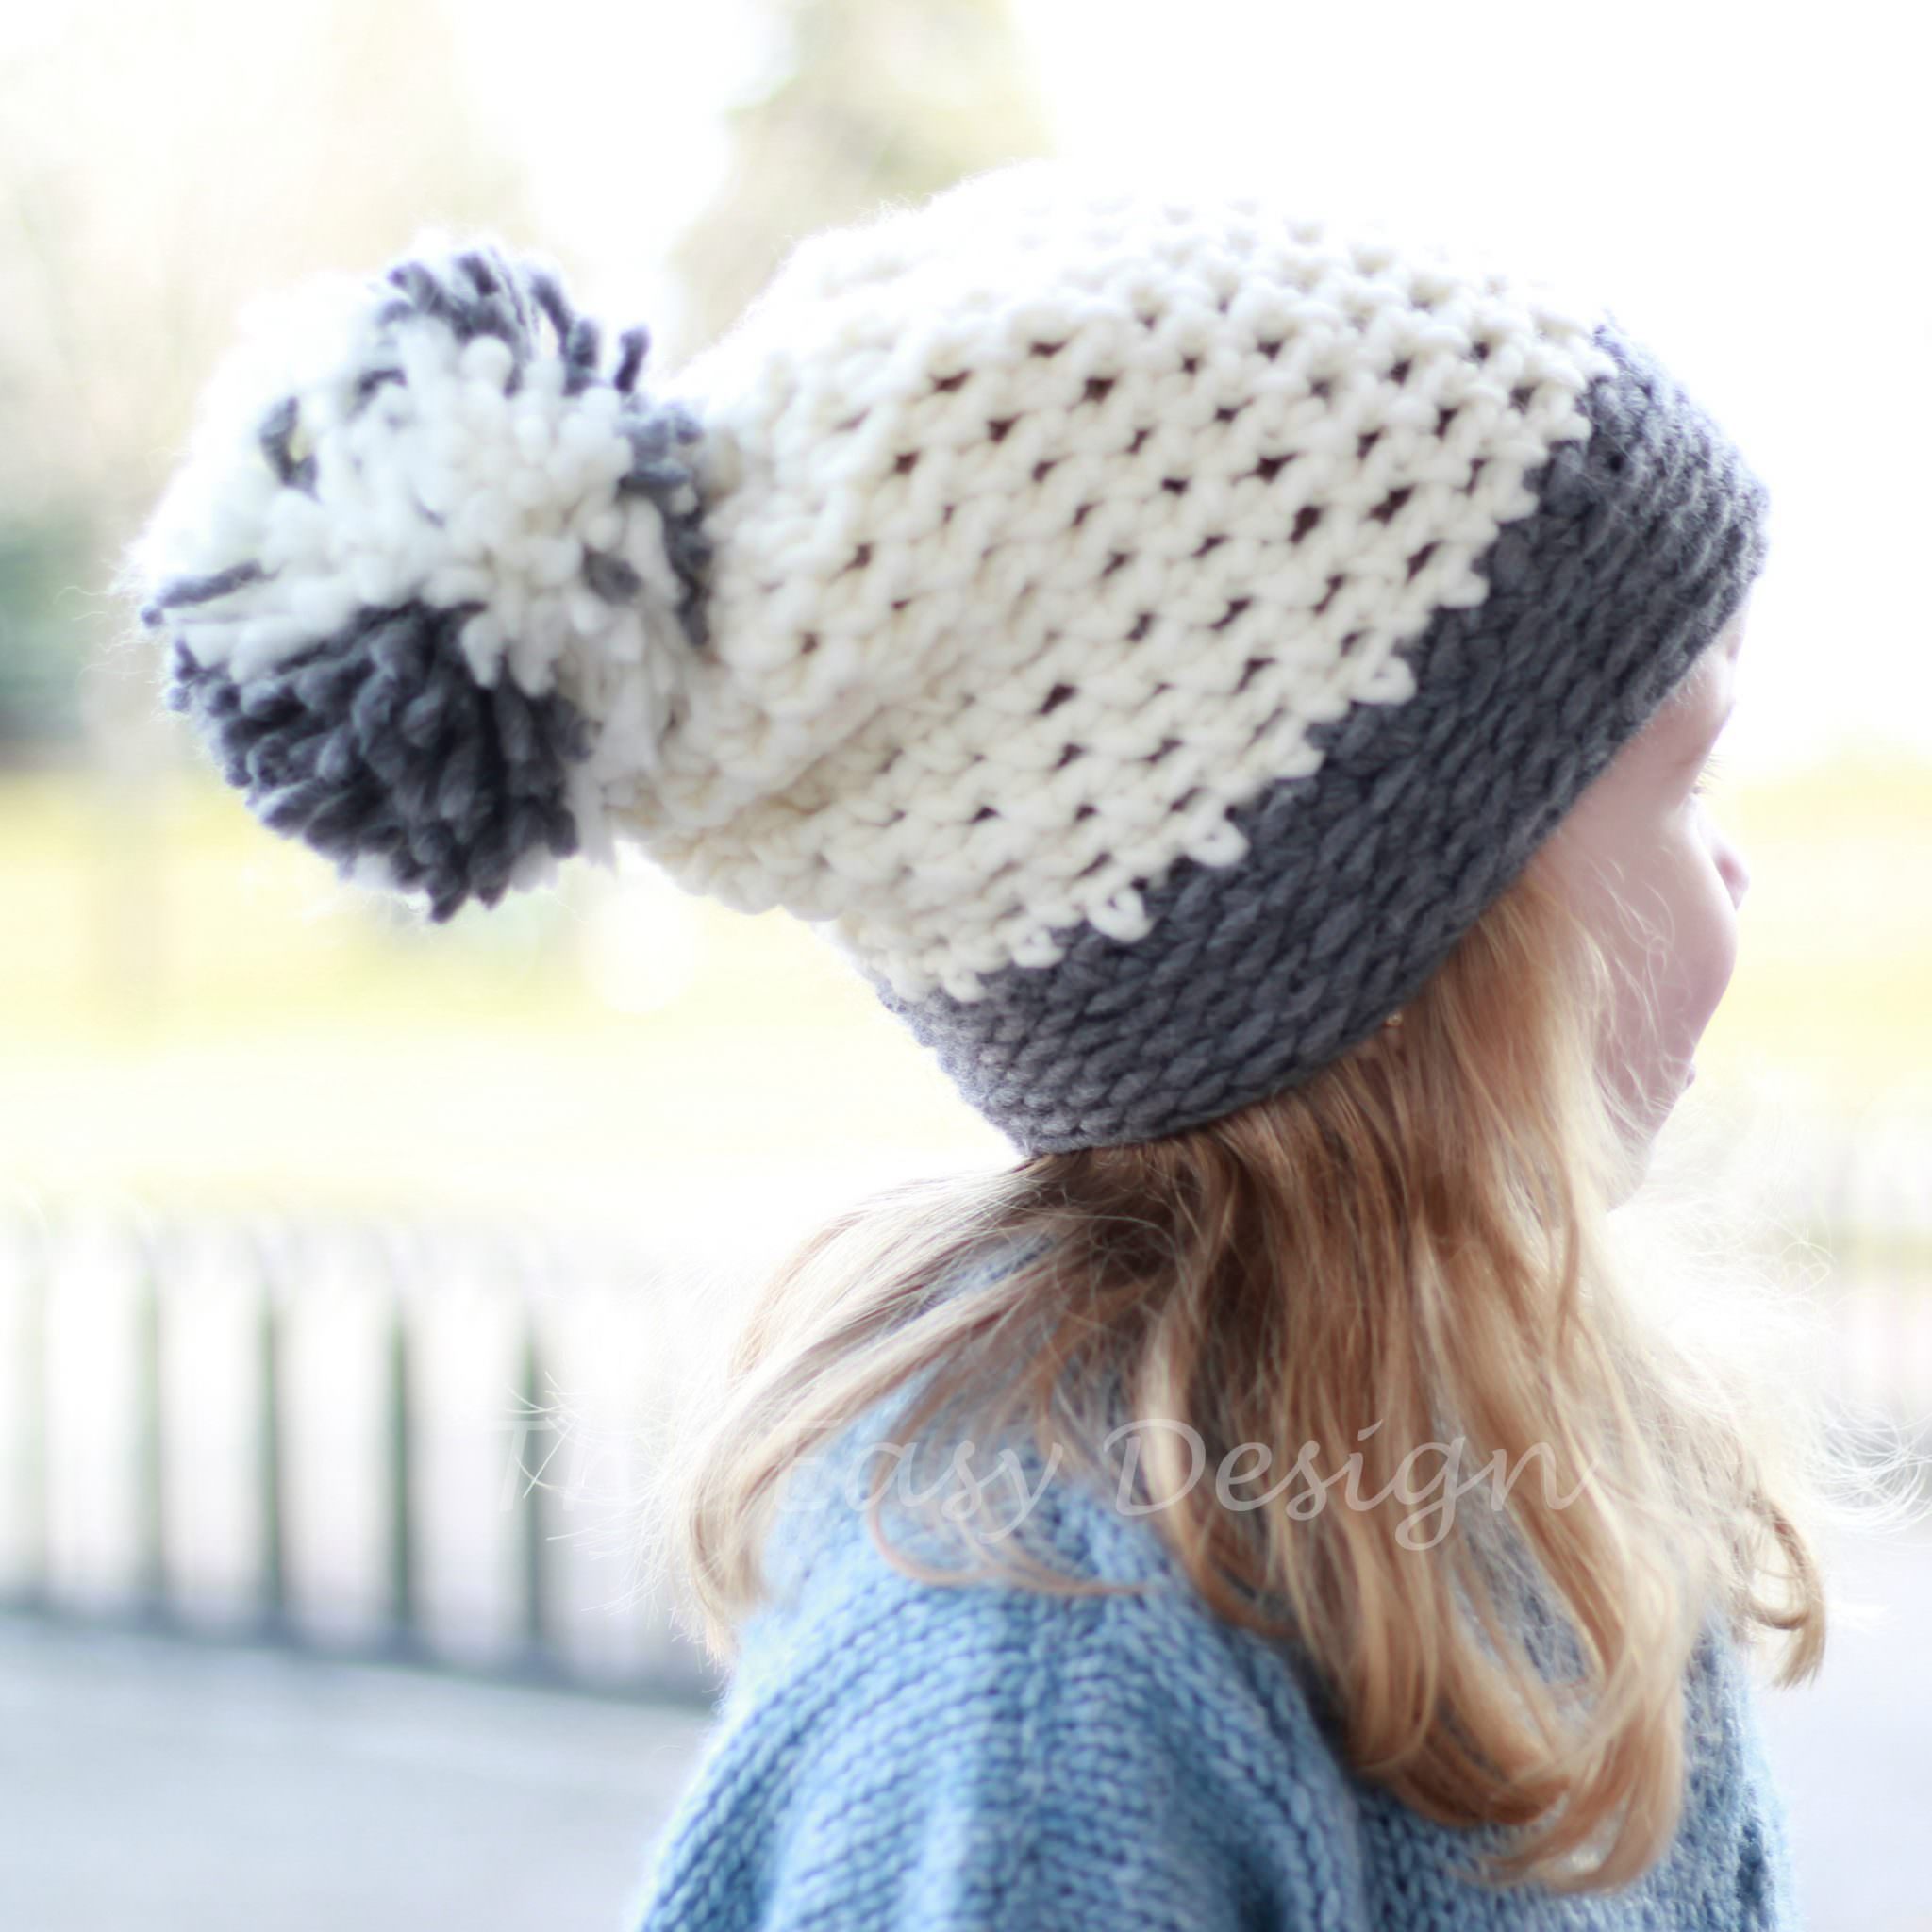 Joyce Hat / Bonnet - Crochet pattern - The Easy Design